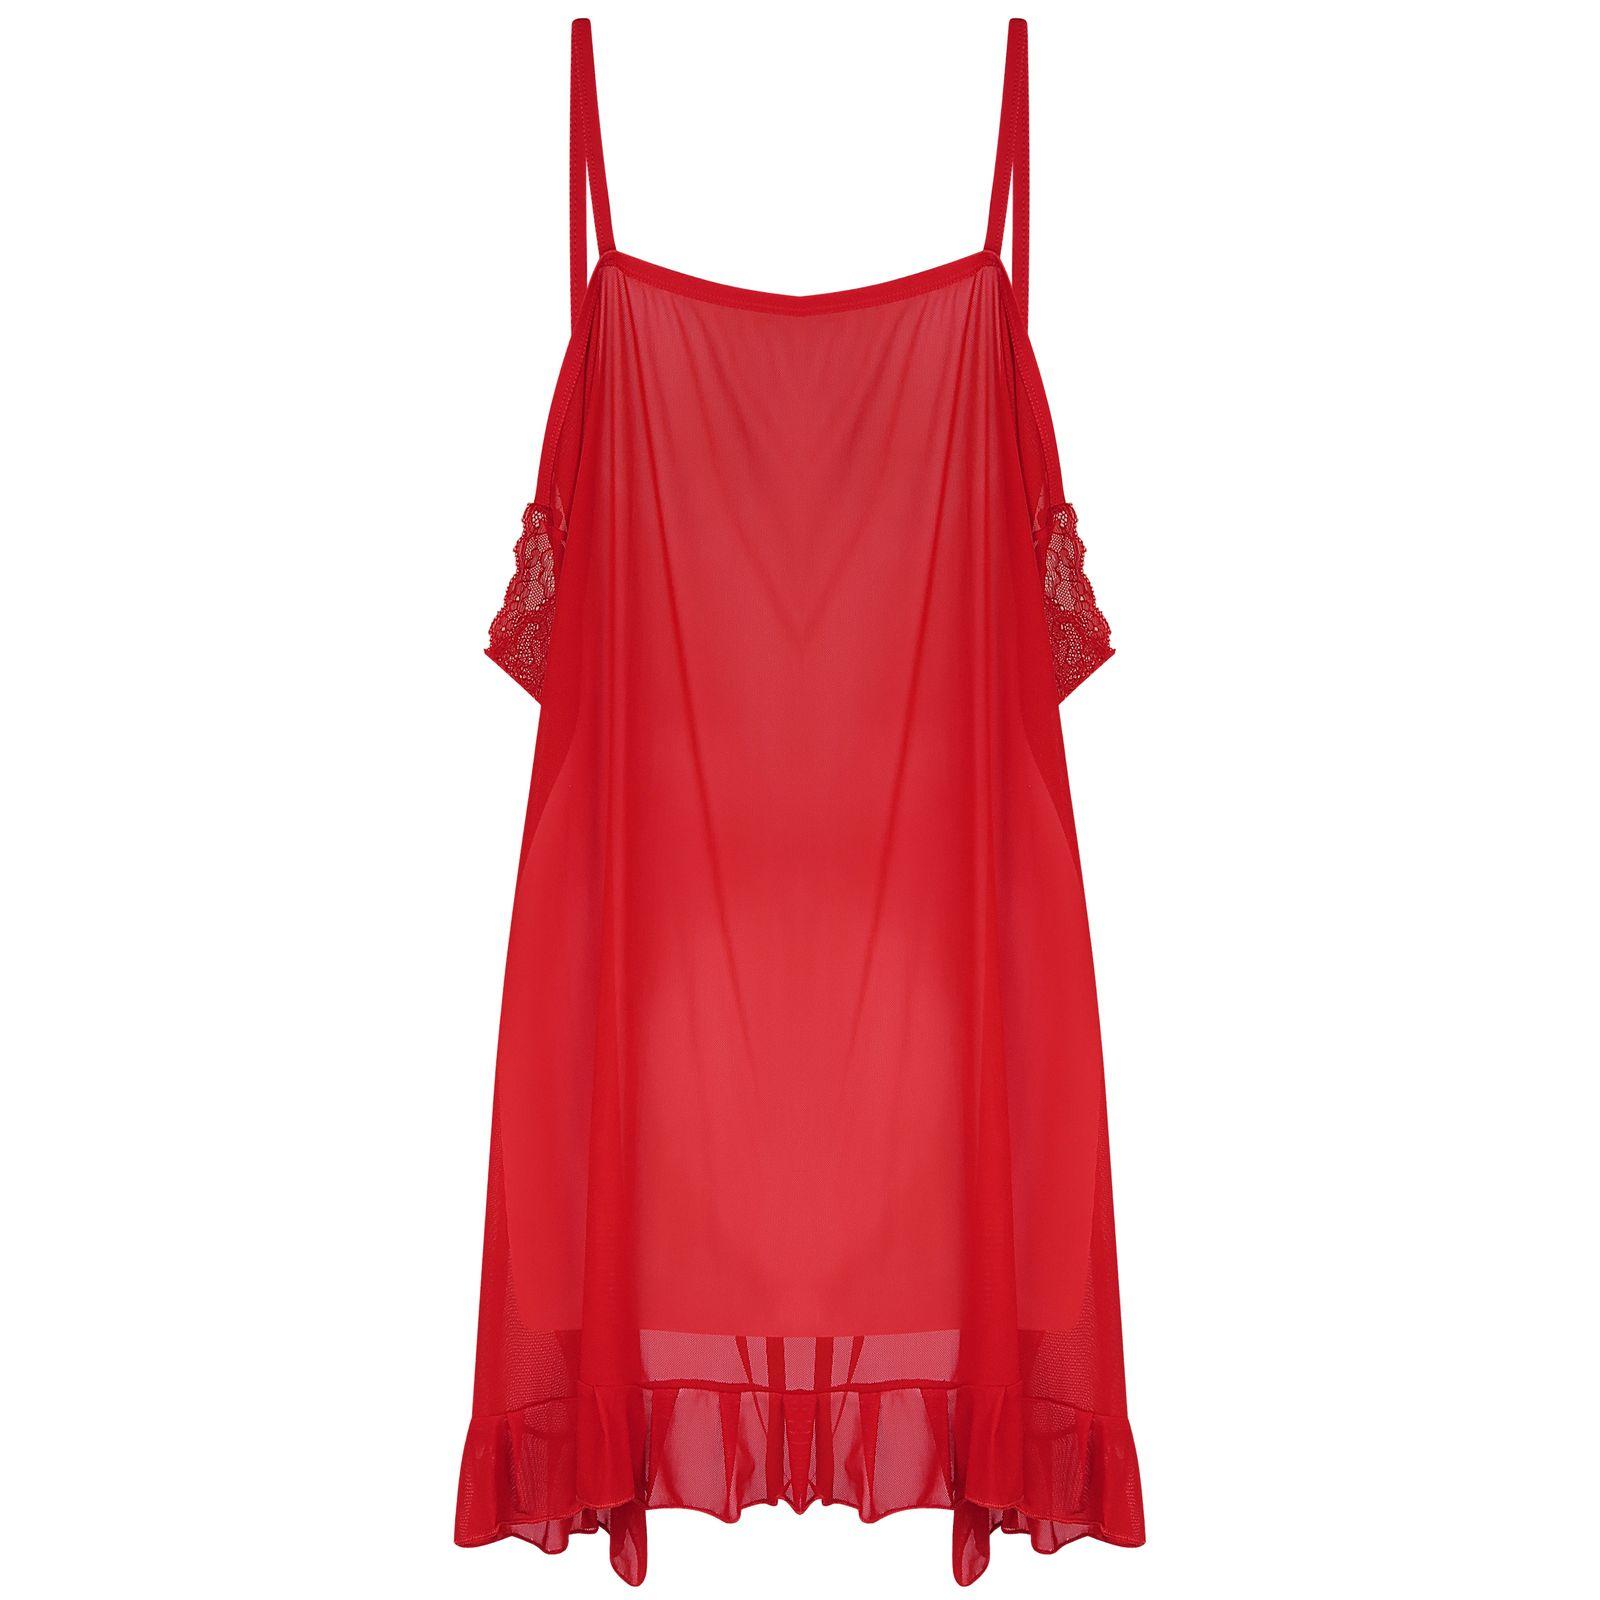 لباس خواب زنانه کد 3004 -  - 3